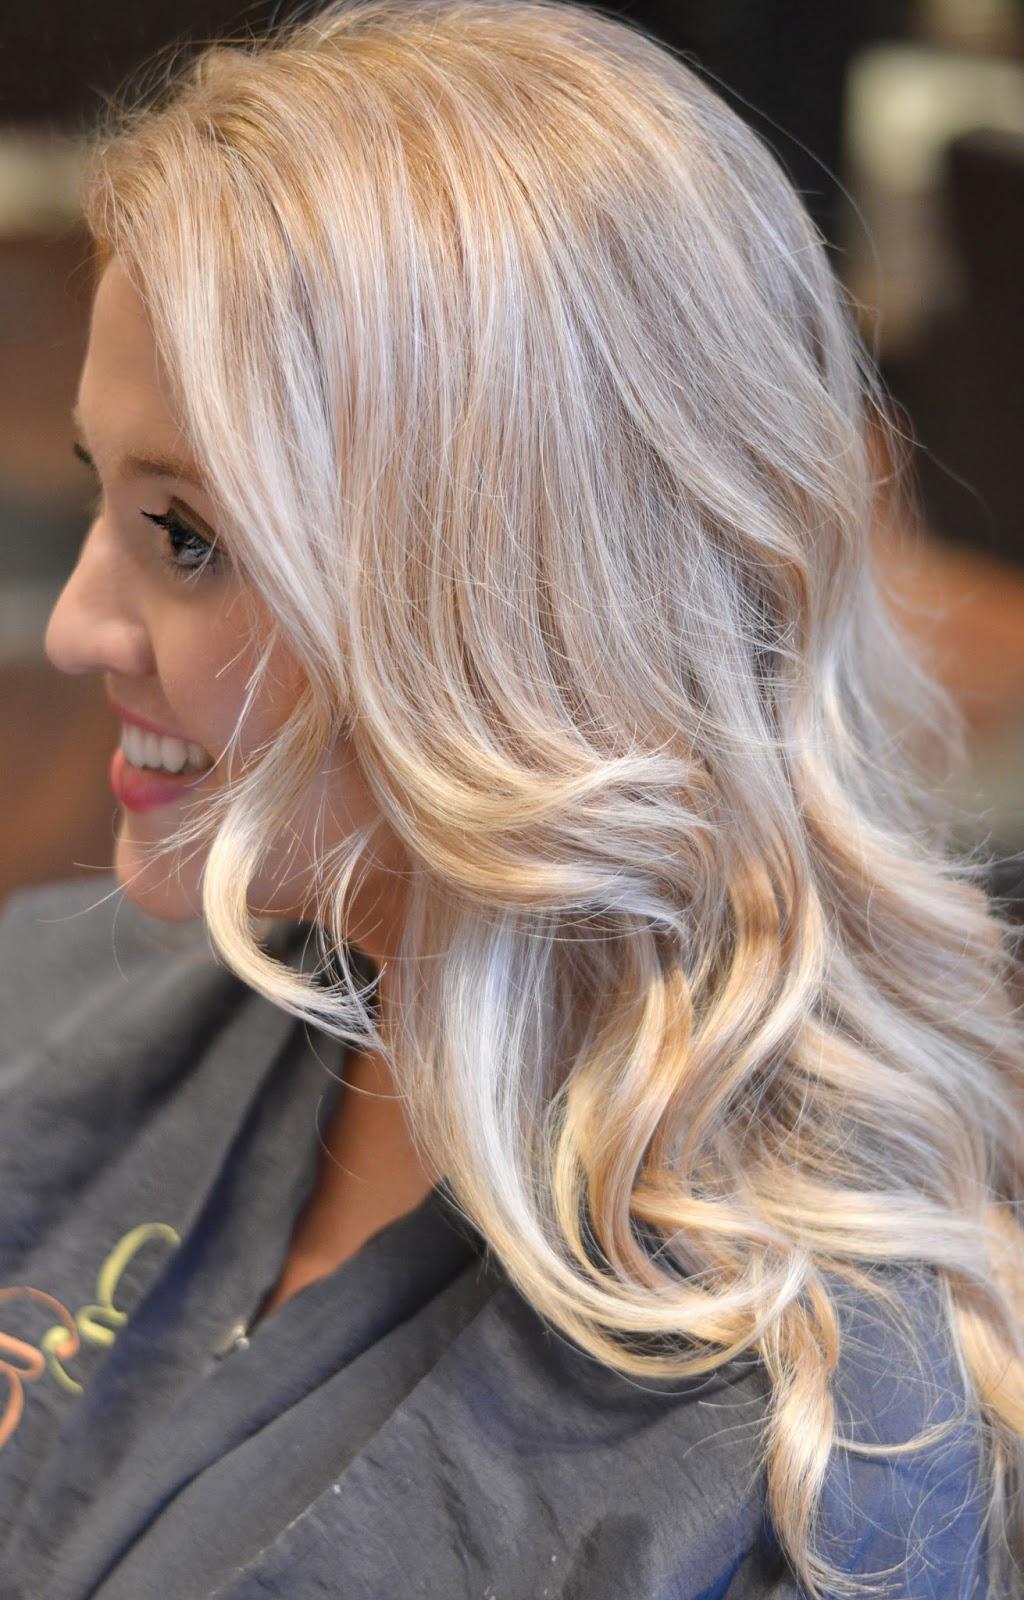 hair-salon-chicago-blonde-waves